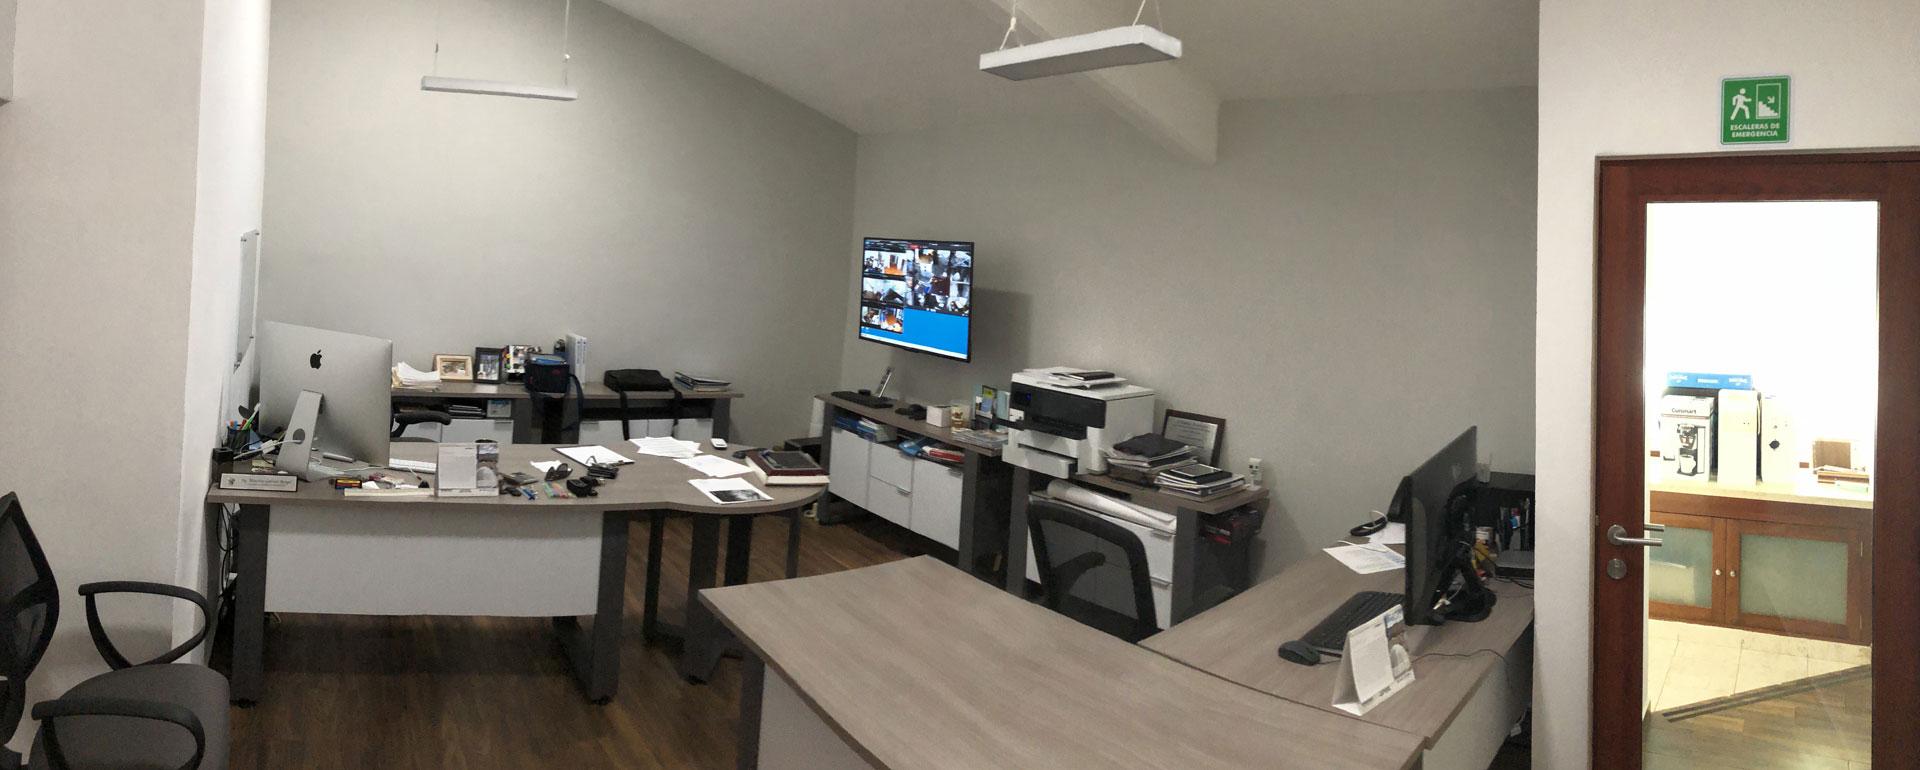 Oficinas-principales-Areas-inteligentes18